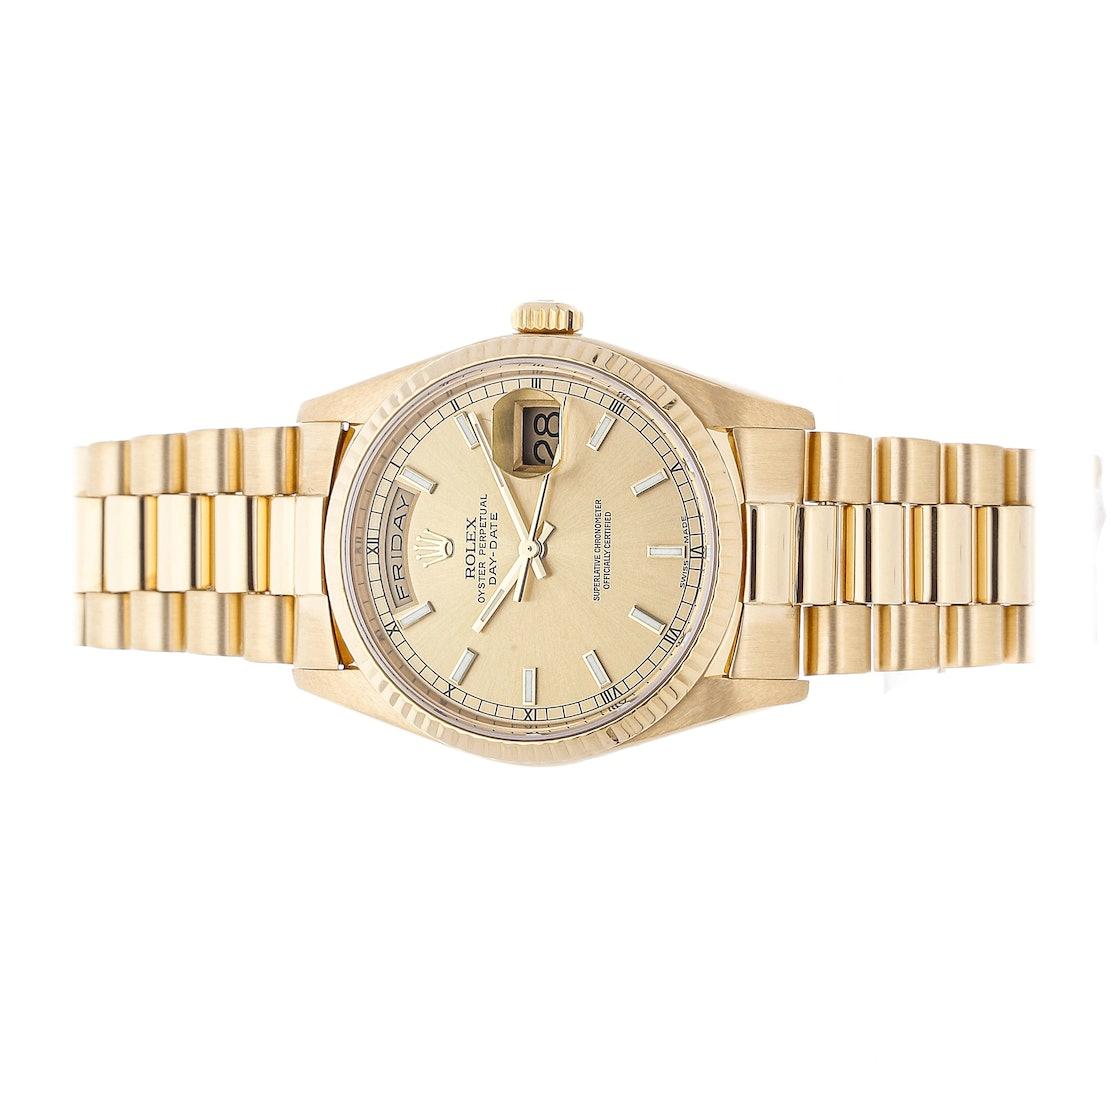 Rolex Day-Date 18238